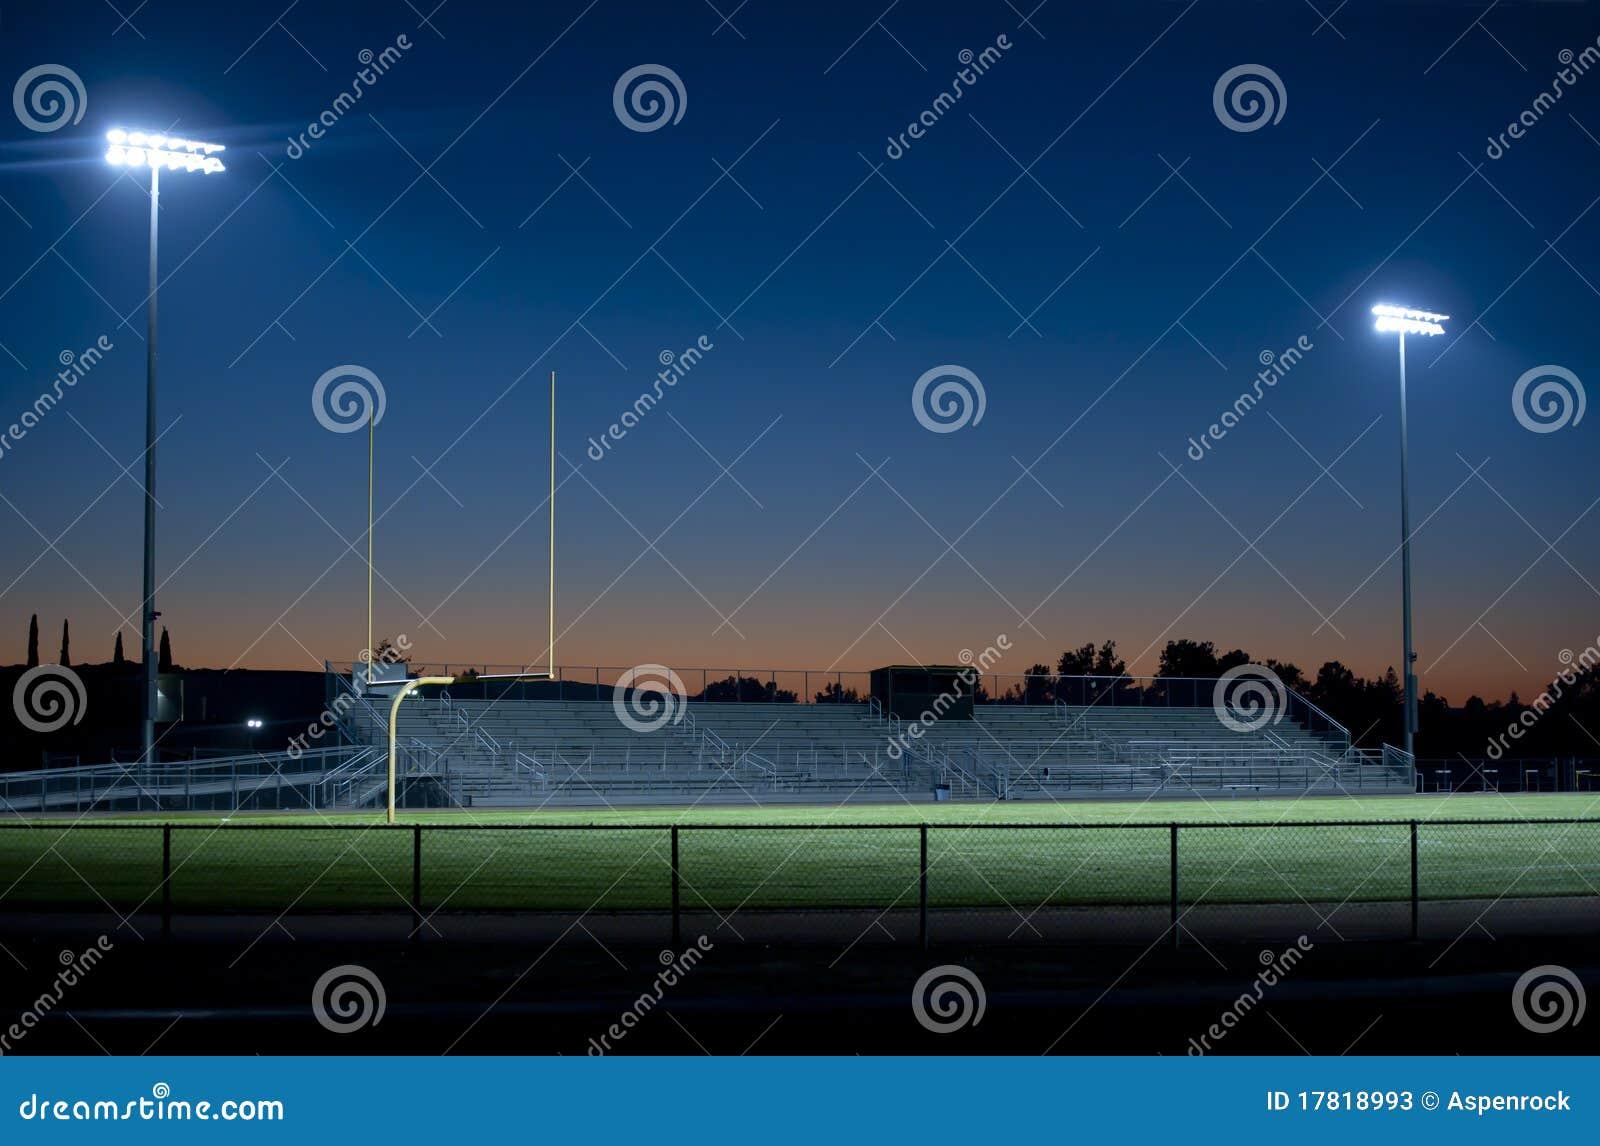 Fussballstadion Nachts Stockbild Bild Von Rasen Nacht